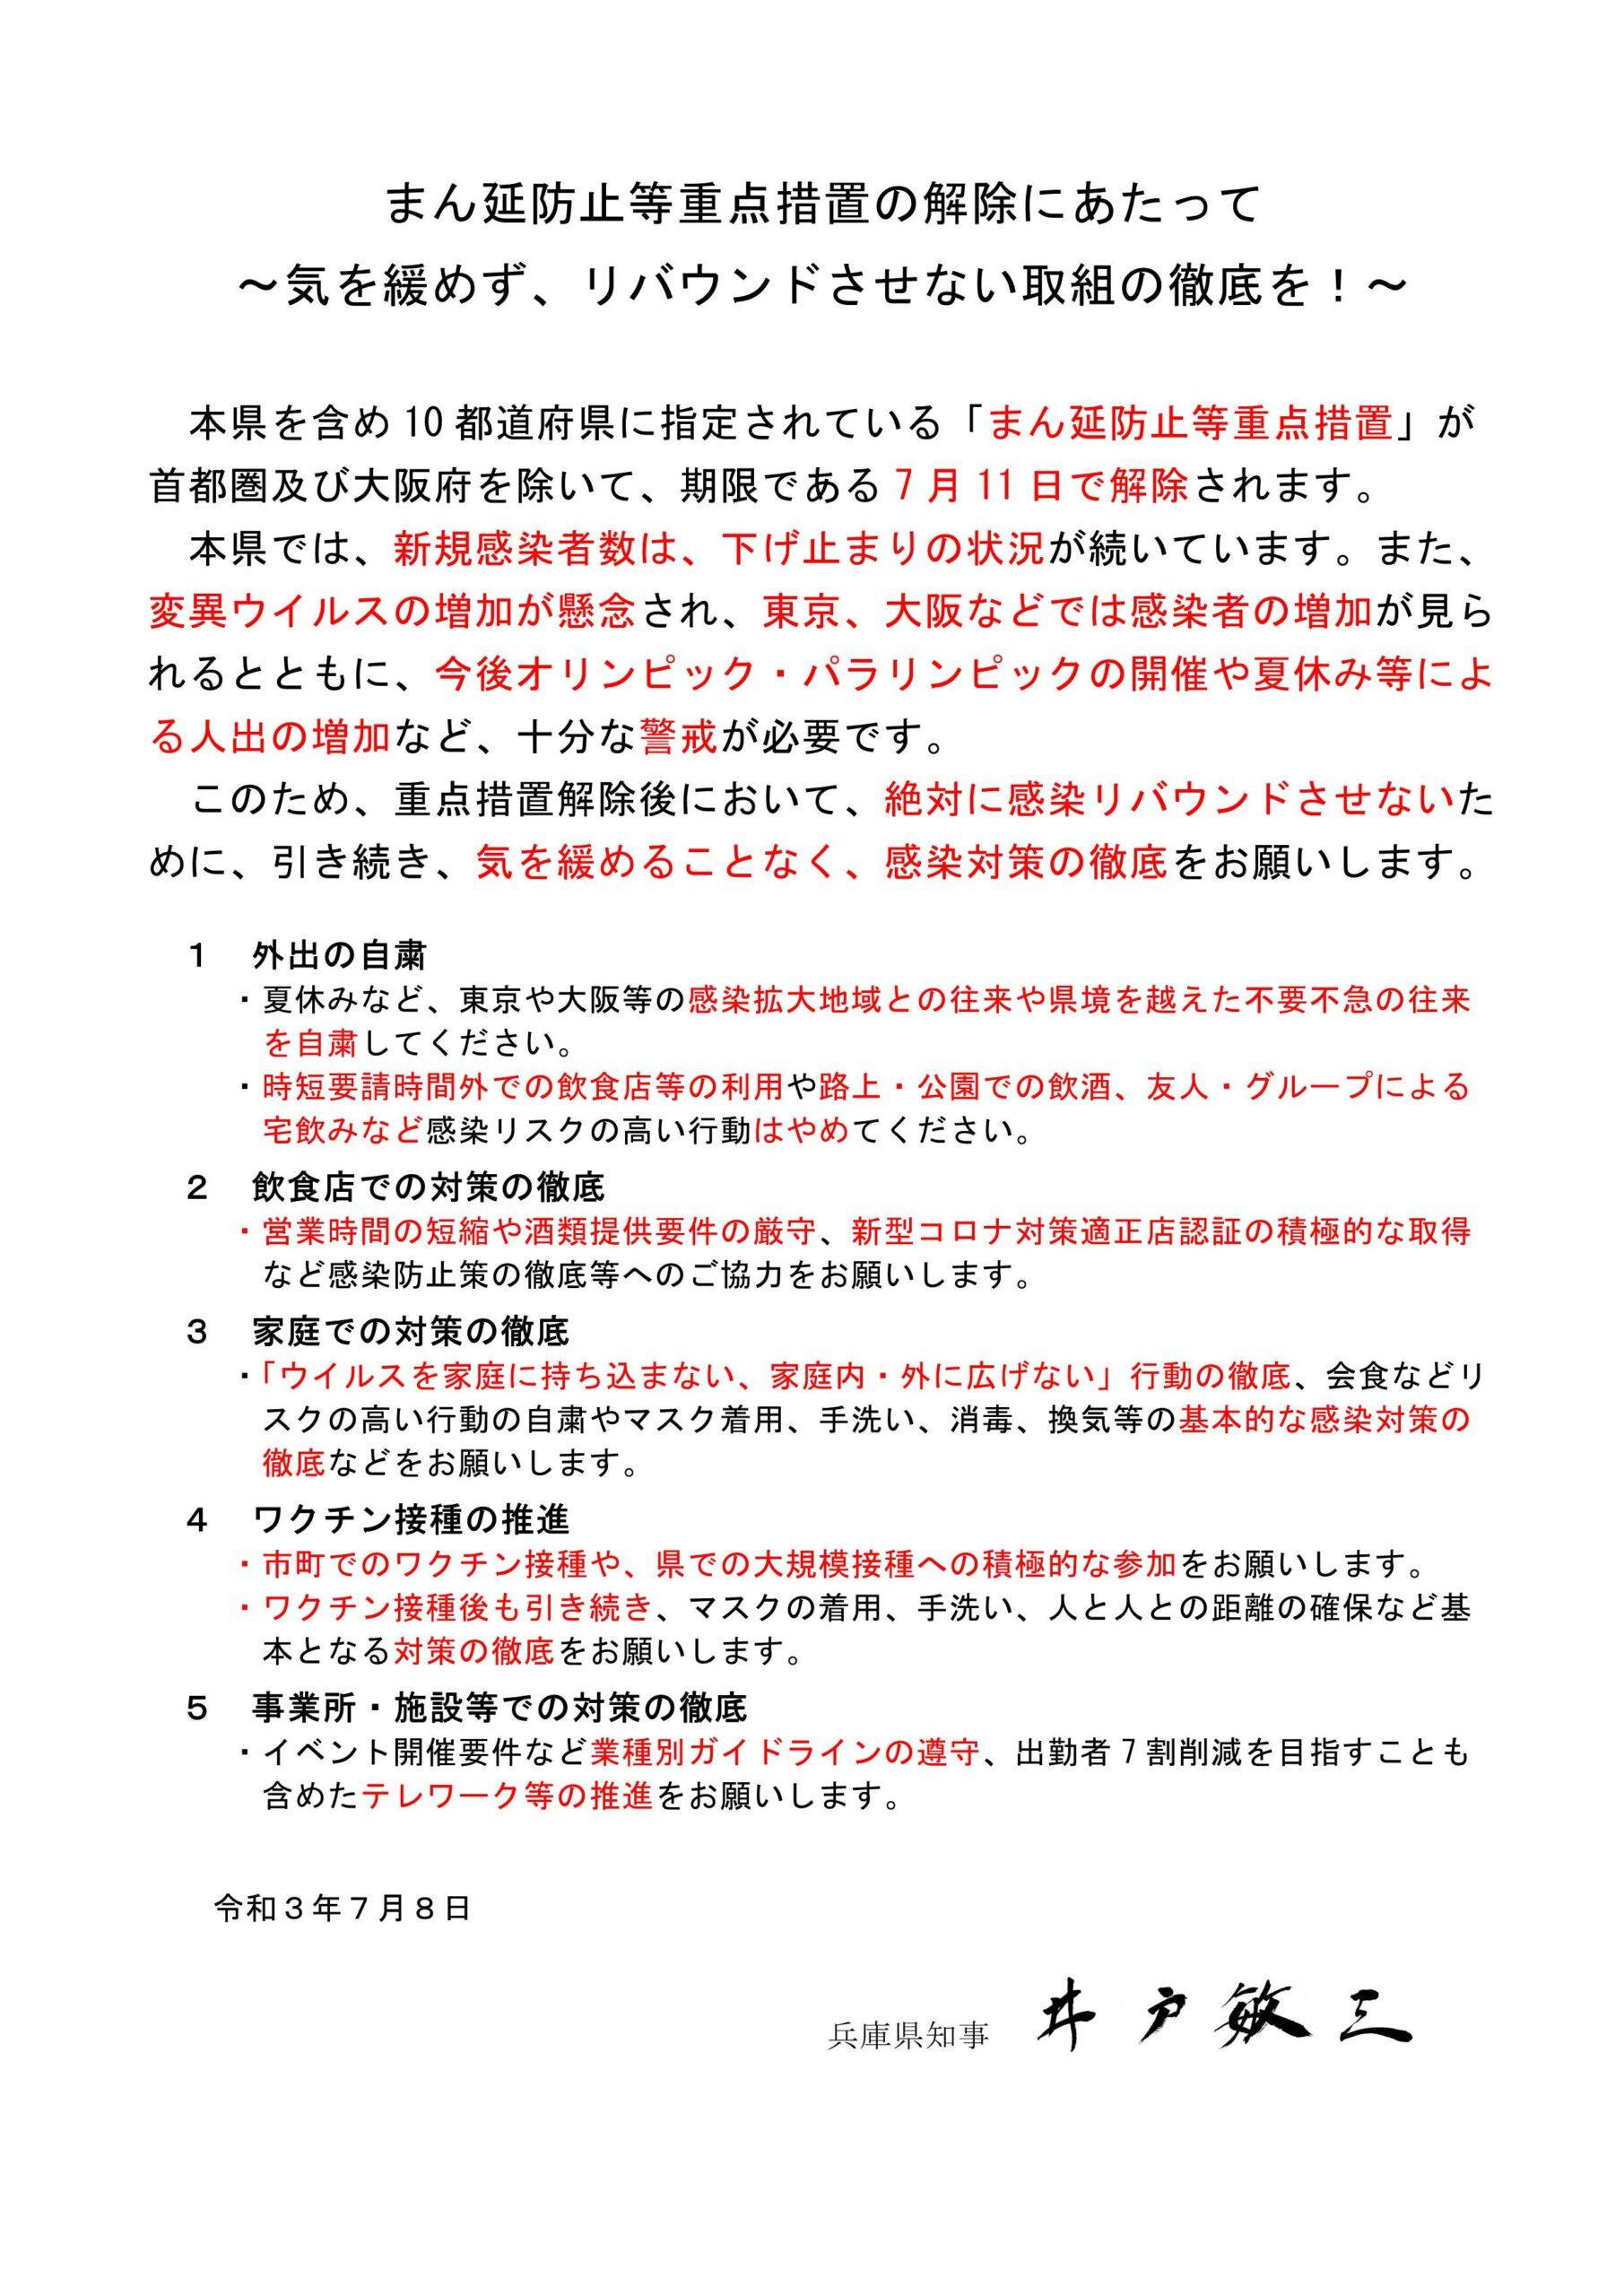 知事メッセージ(令和3年7月8日)